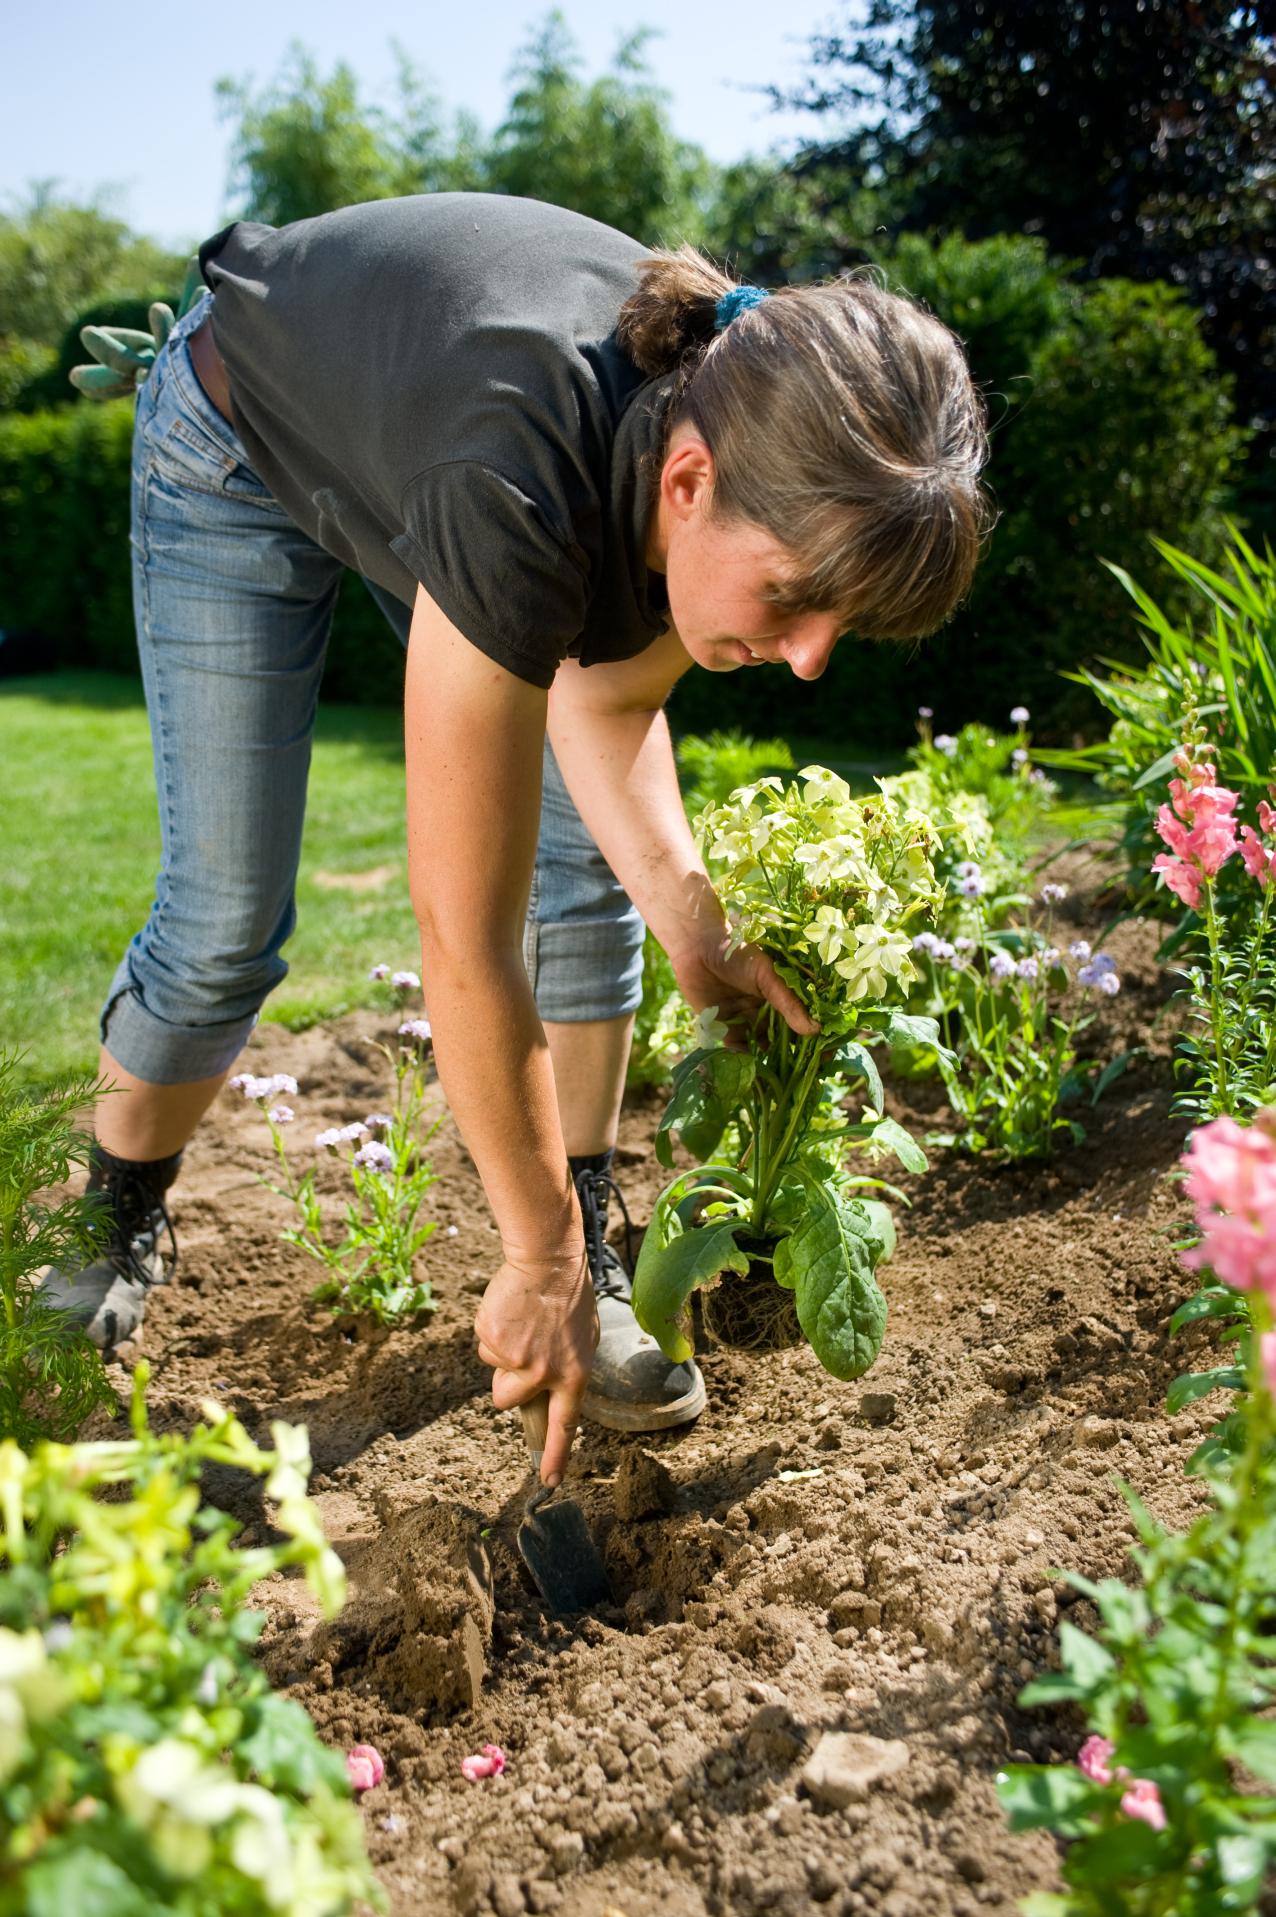 Gärtnern, das kreative und sinnliche Vergnügen